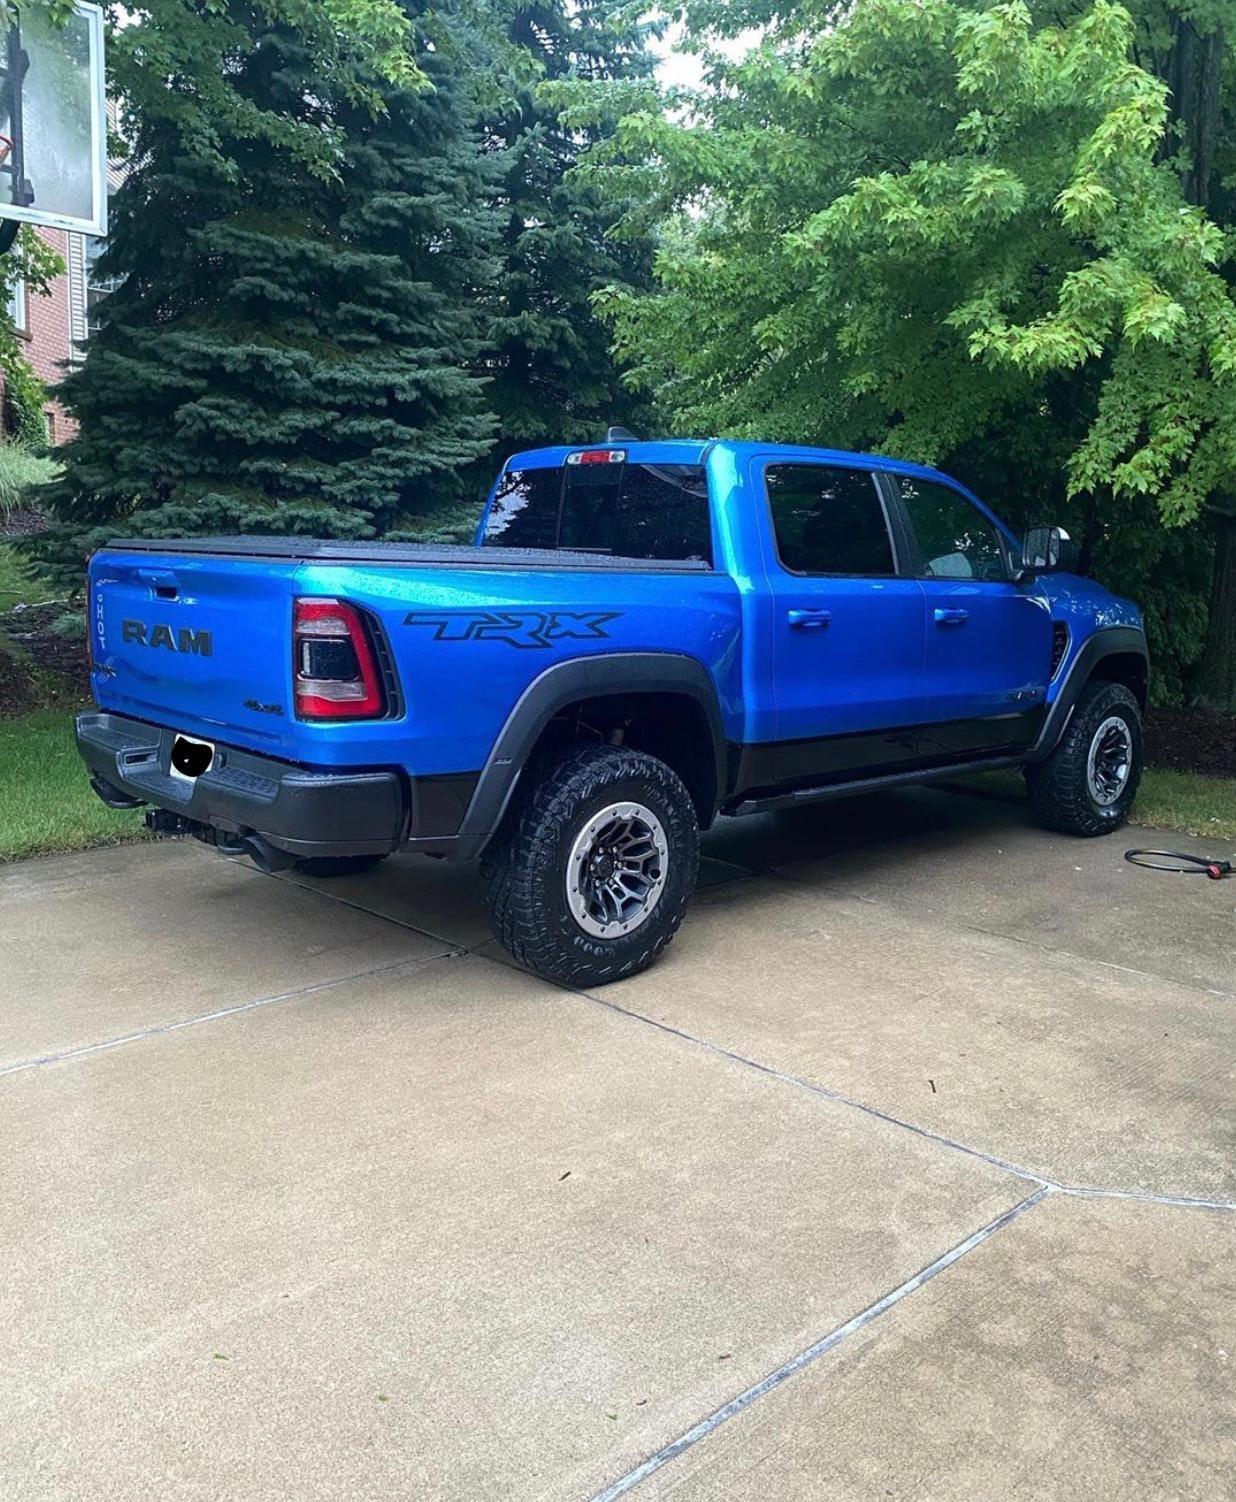 hydro-blue-ram-trx.jpg